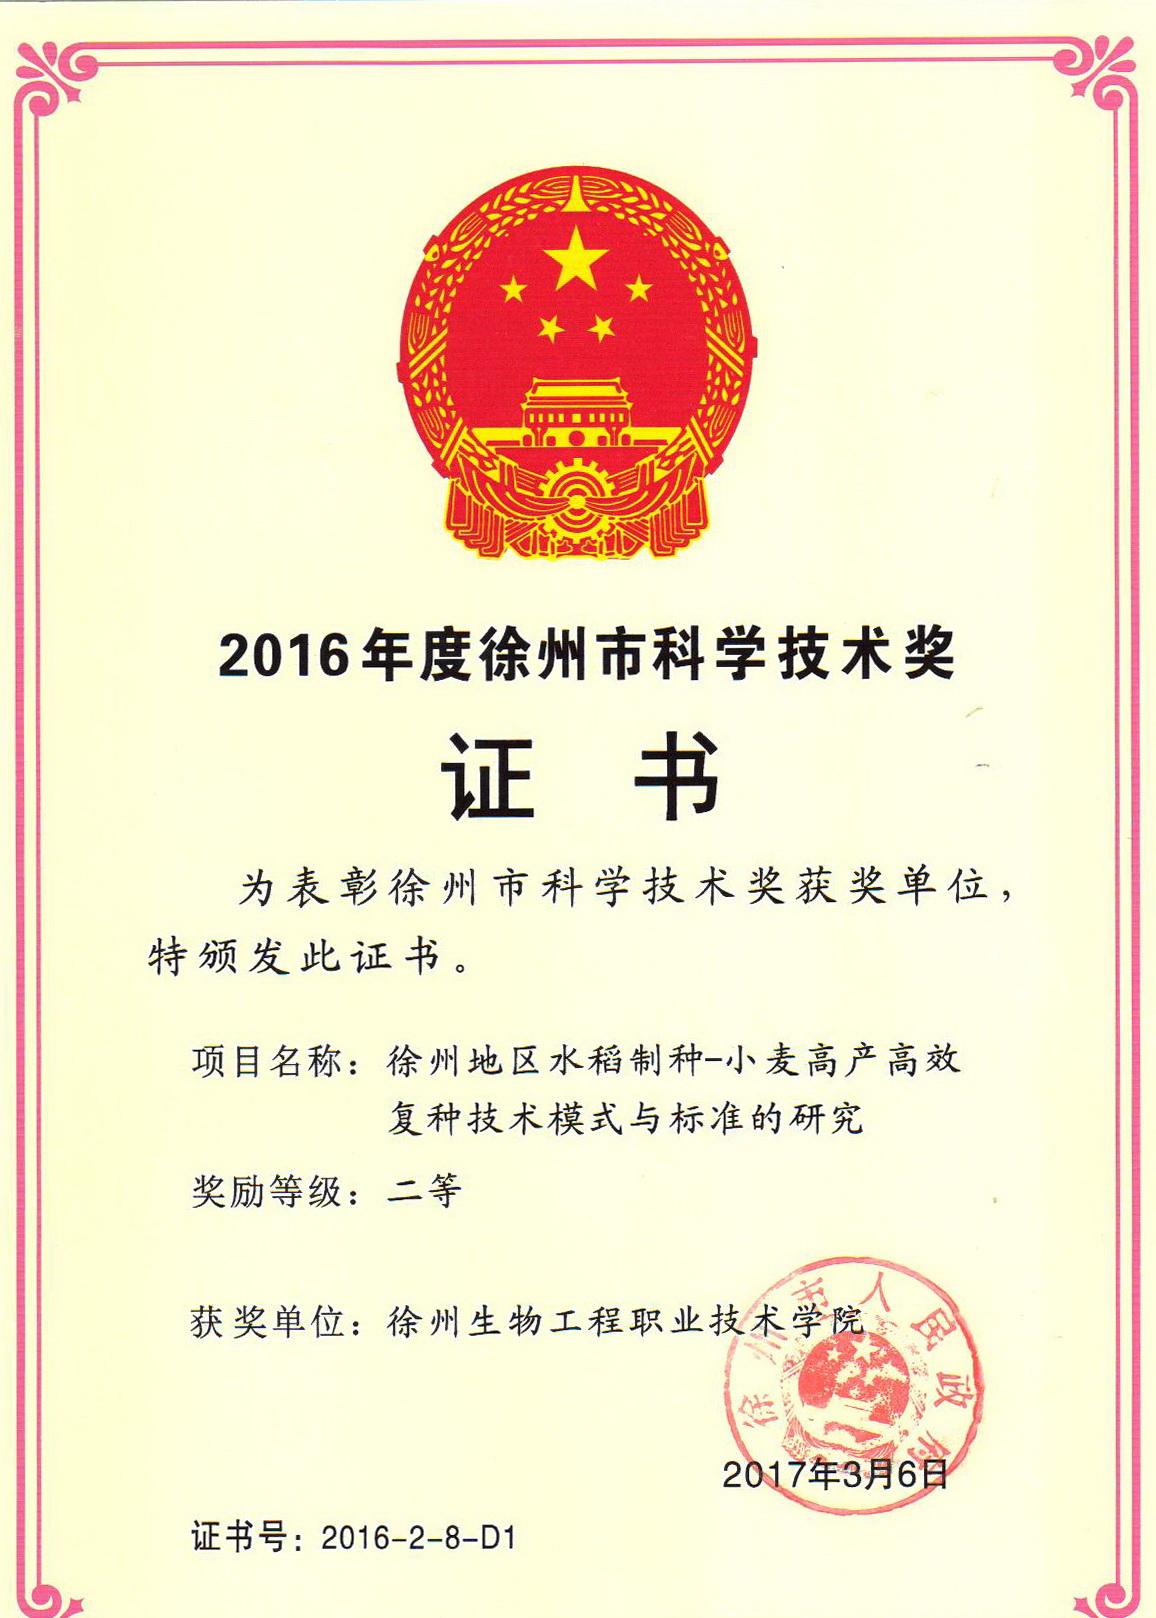 徐州市科学技术二等奖